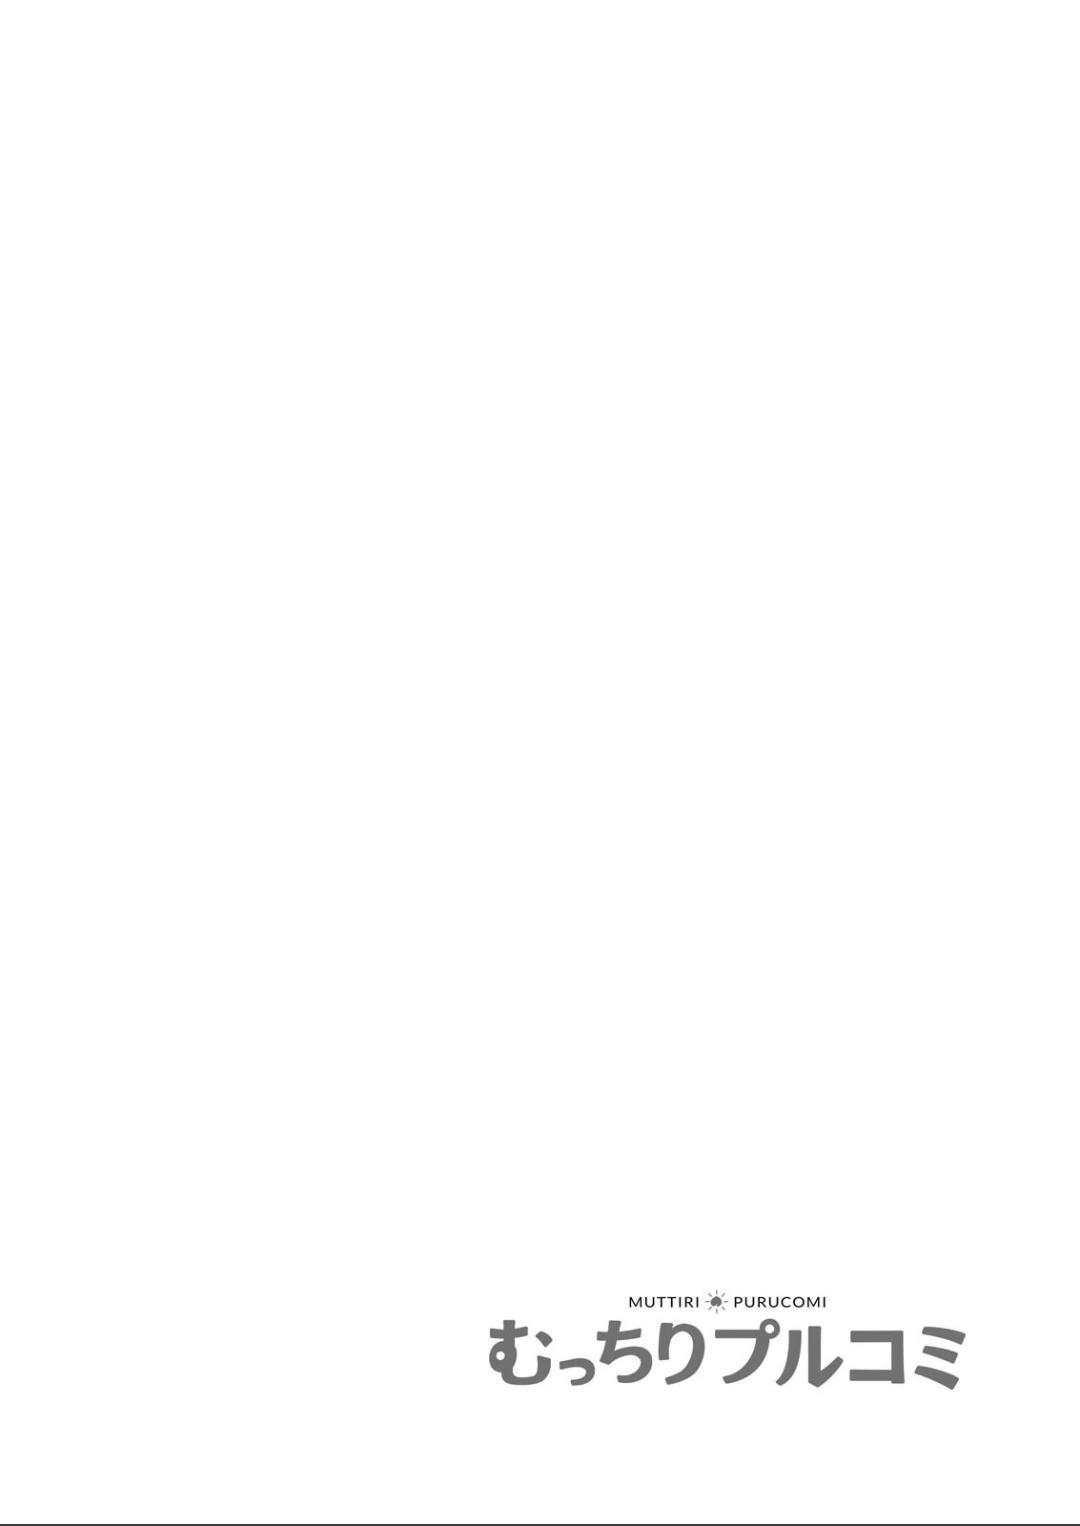 [Hachimitsu] Shinchousa 40cm, Kyou mo Omocha ni Saretemasu ~ Dekkai JK no Iinari SEX (1)  | 身高差40cm、今天也被當作玩具任巨大JK擺佈的SEX ch.1 [Chinese] [沒有漢化] 2